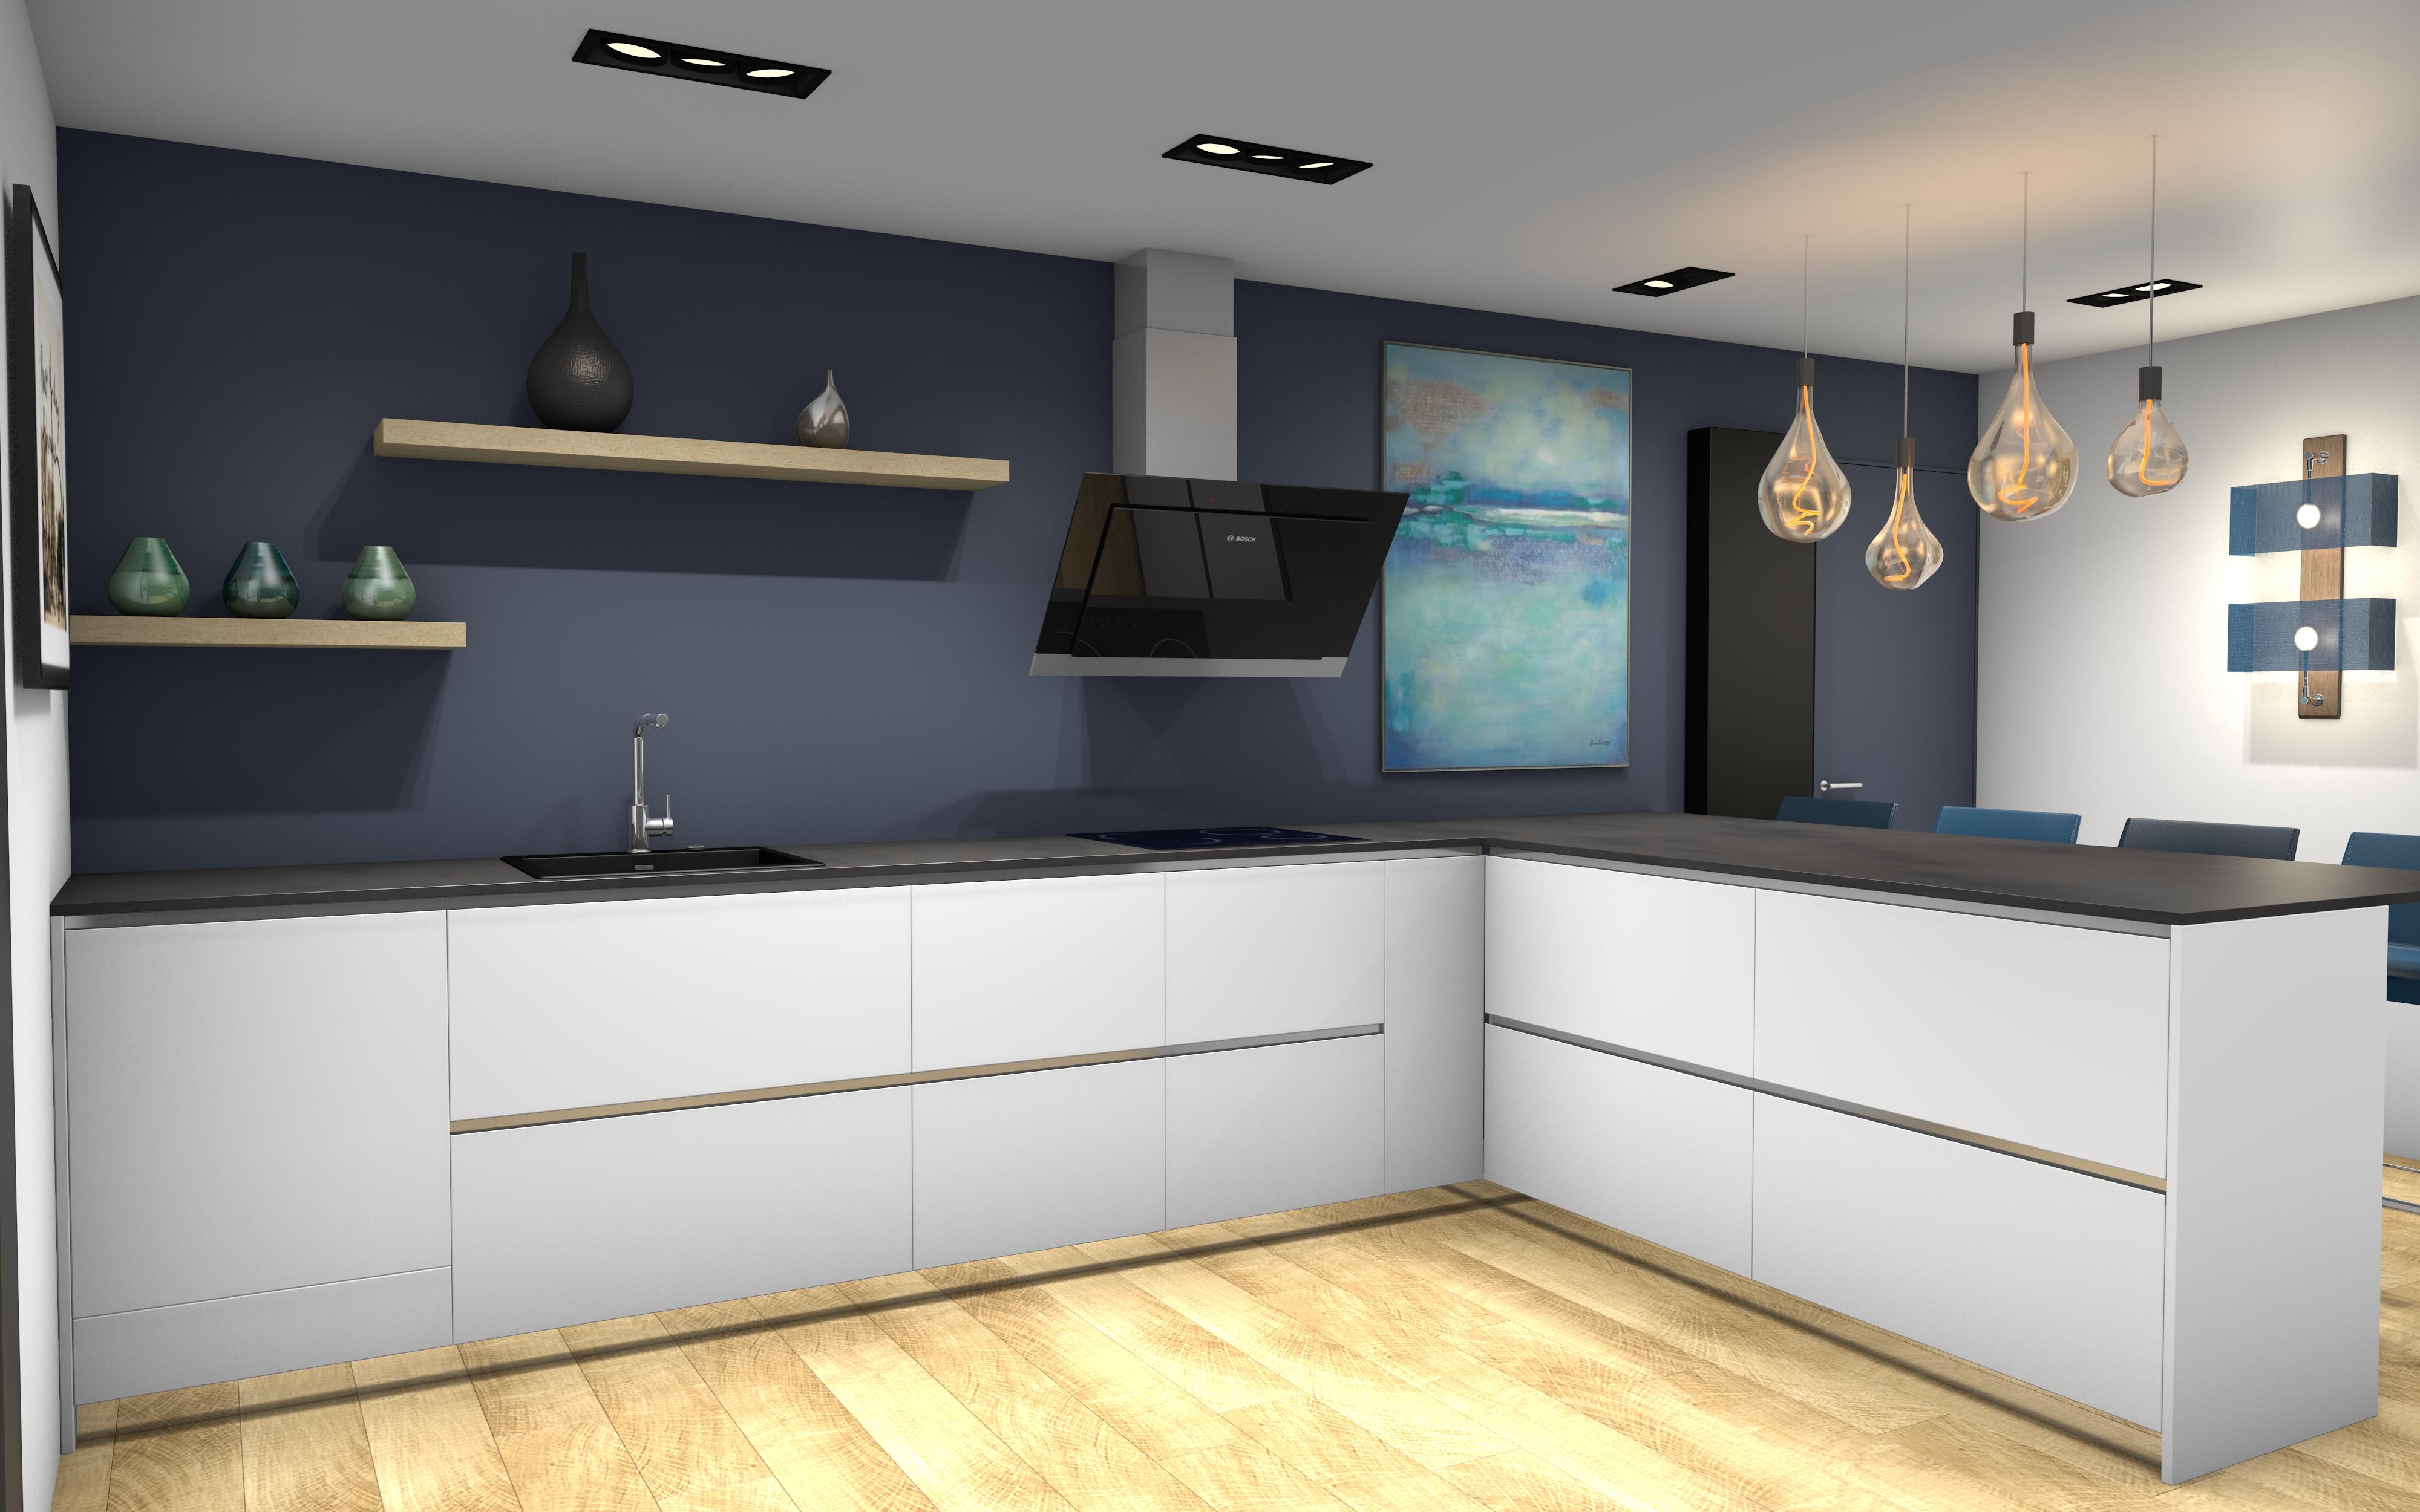 Cuisine Blanche Et Bleu les meilleures images de banc en bois: cuisine blanc bois inox